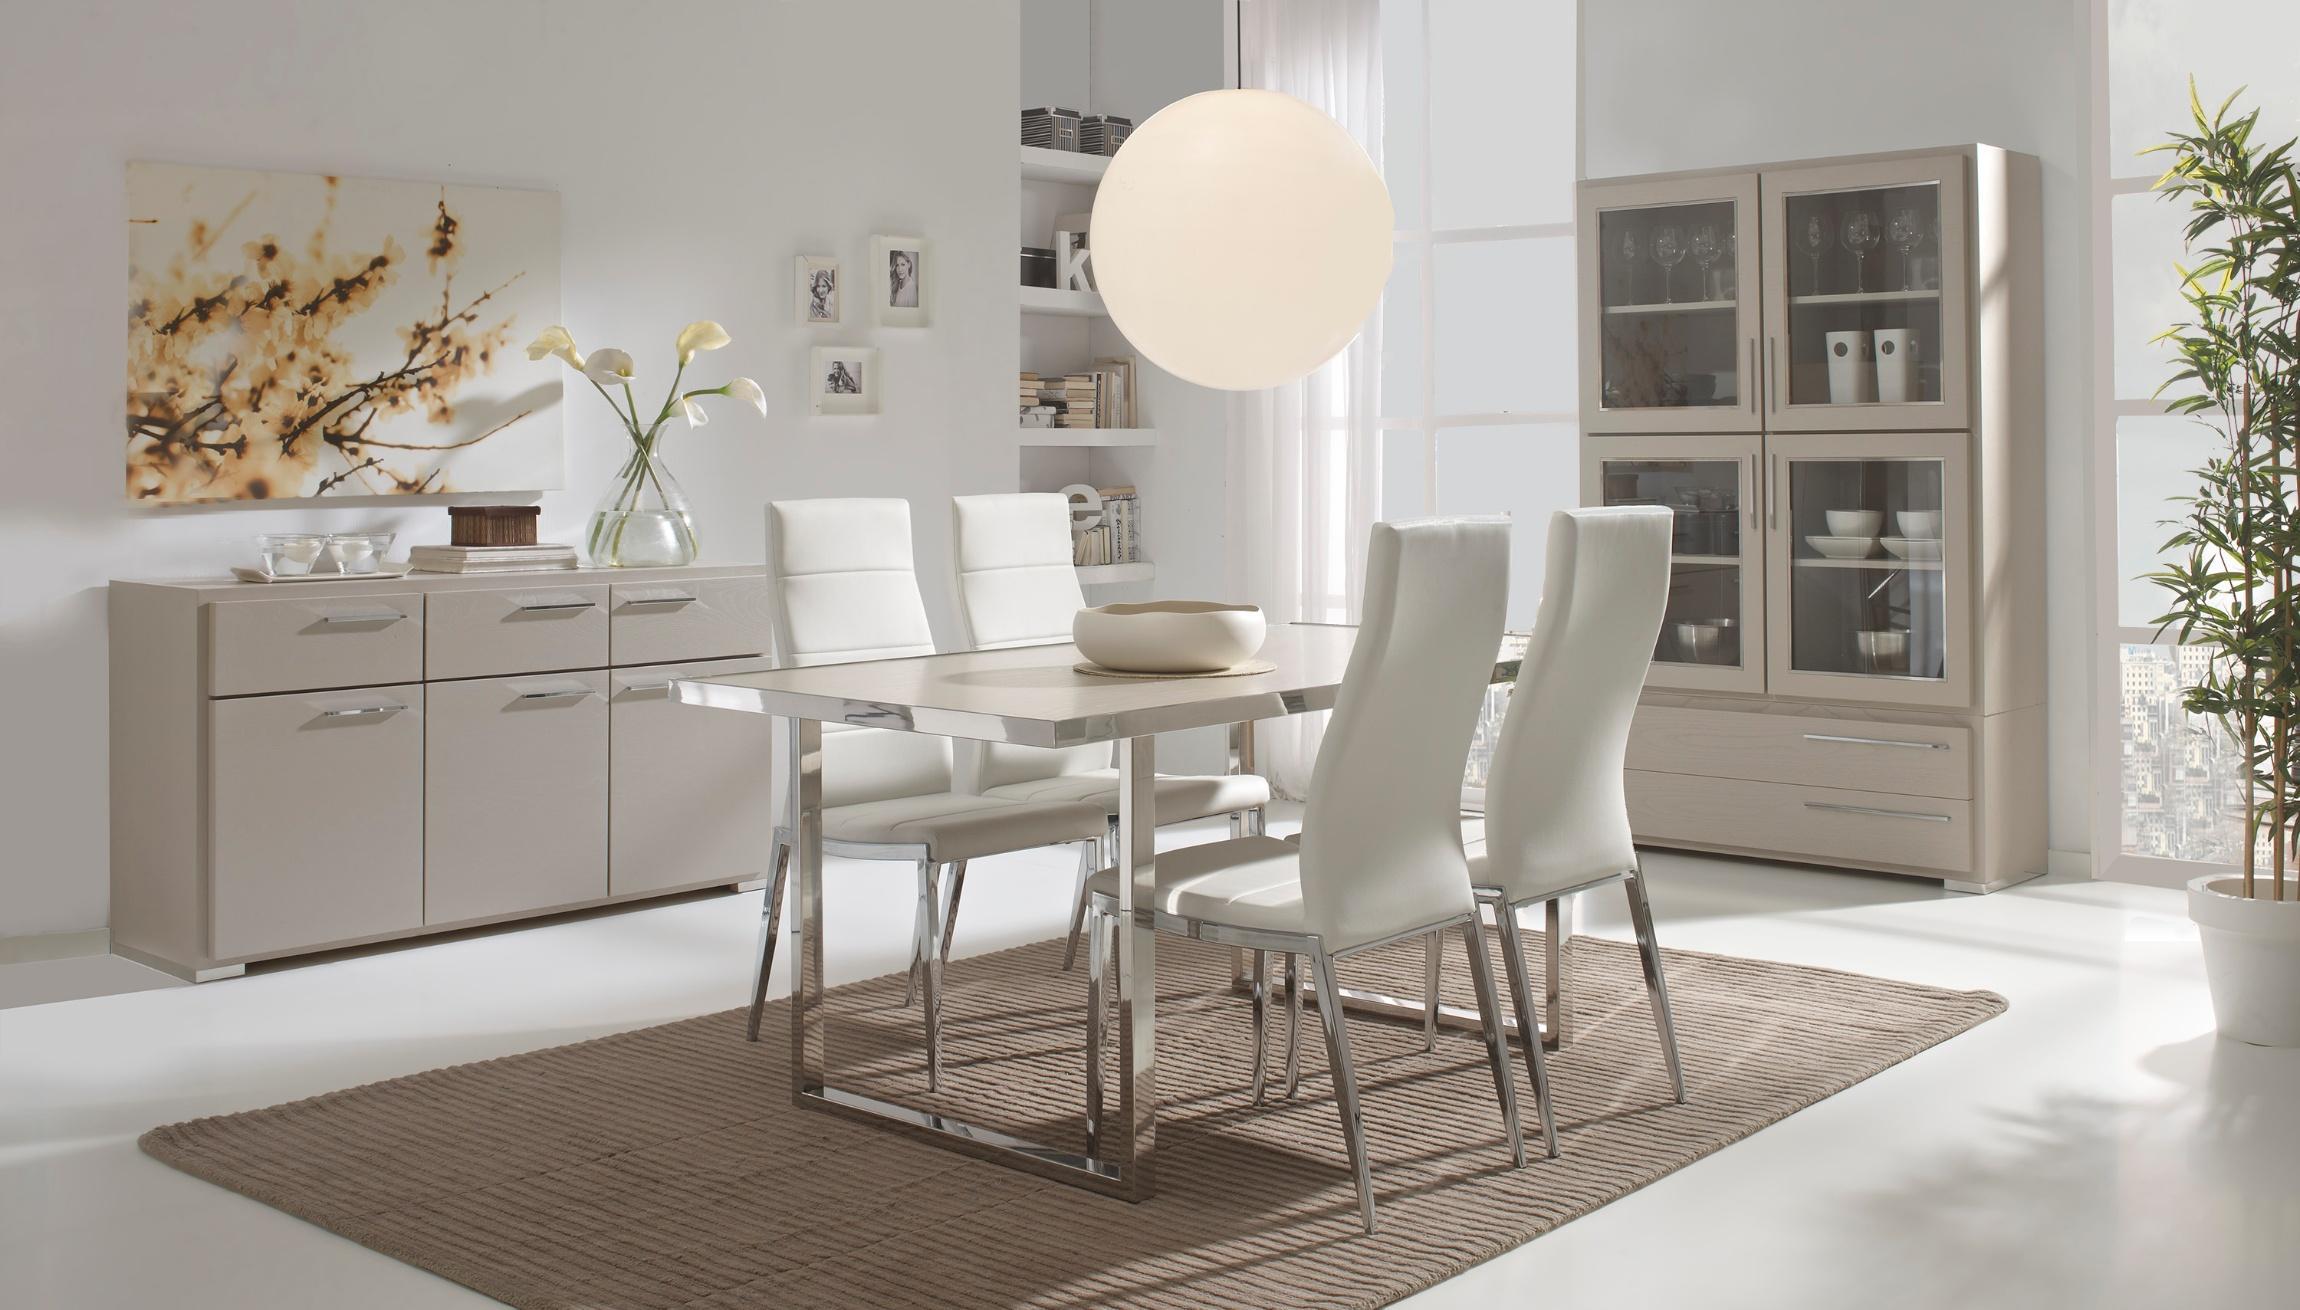 Muebles De Lujo Modernos Muebles De Diseo Salon Muebles De Salon  # Muebles Lujosos Y Modernos